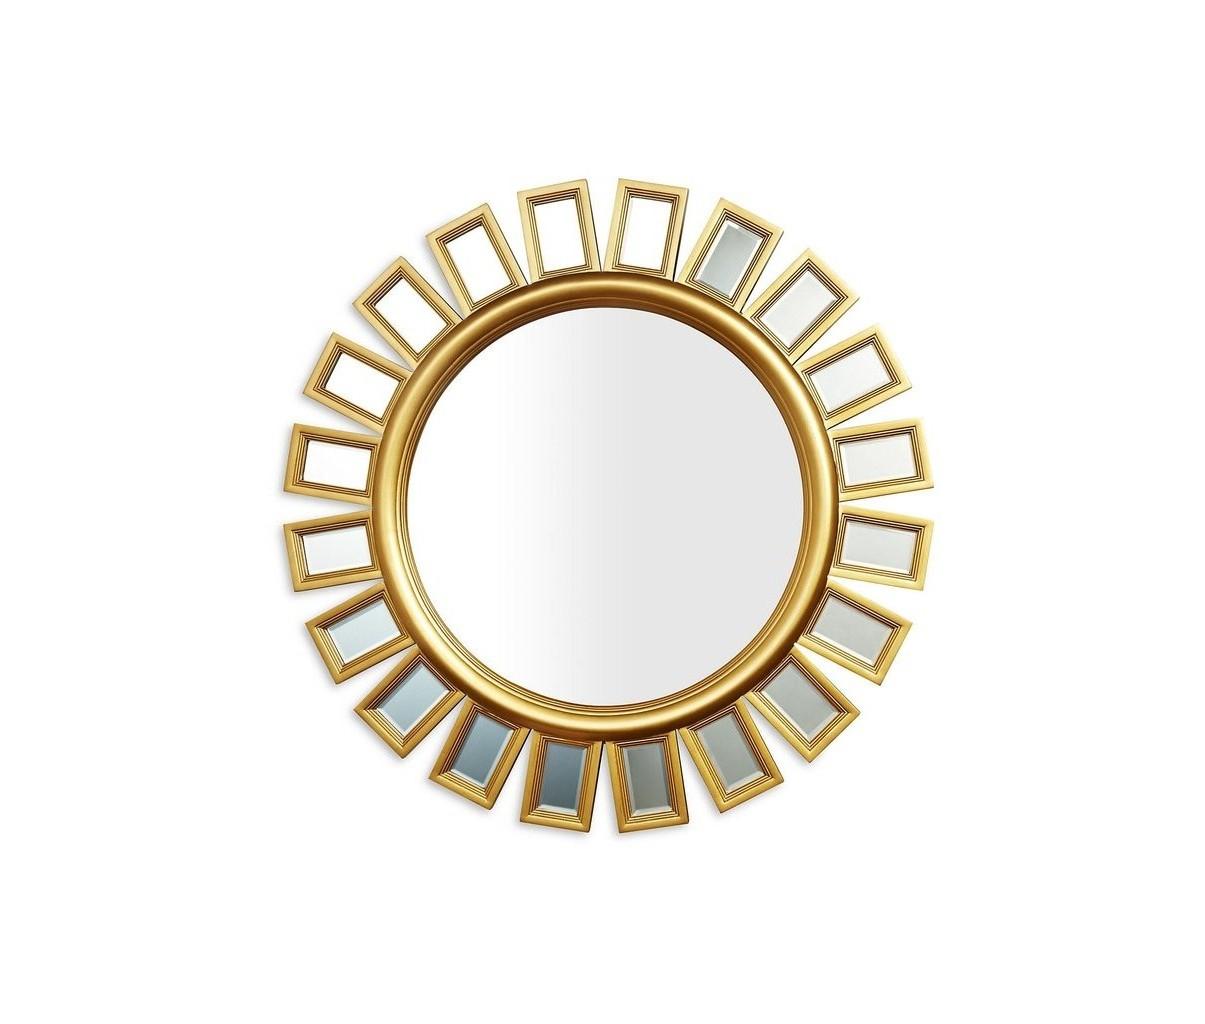 Зеркало ЭштонНастенные зеркала<br>&amp;lt;span style=&amp;quot;font-size: 14px;&amp;quot;&amp;gt;Крепления входят в стоимость.&amp;lt;/span&amp;gt;<br><br>Material: Пластик<br>Глубина см: 4